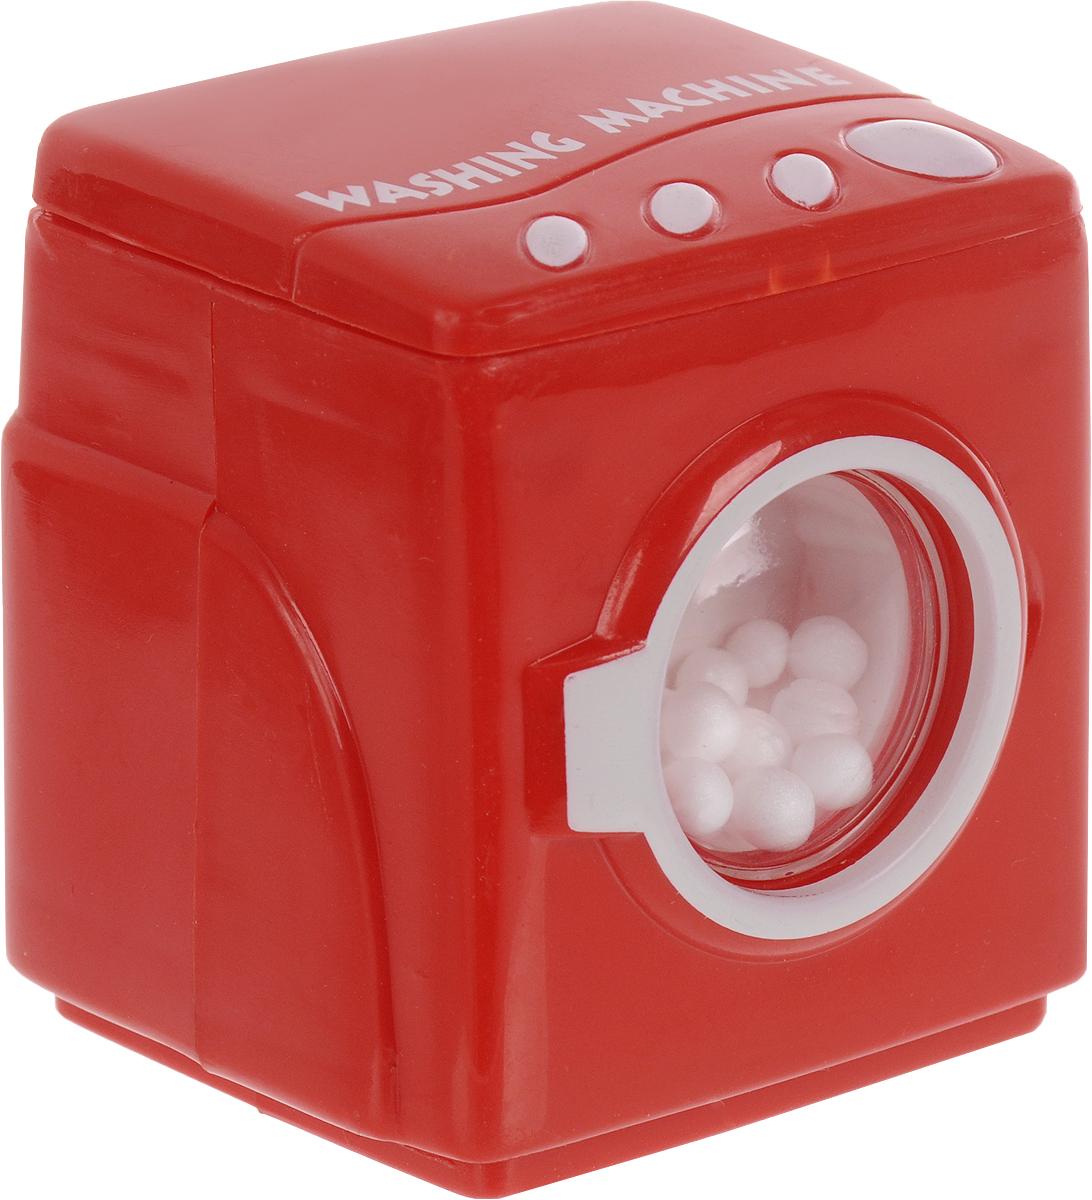 EstaBella Заводная игрушка Стиральная машинка цвет красный письмо различаю звонкие и глухие согласные звуки пишу правильно тетрадь помощница фгос